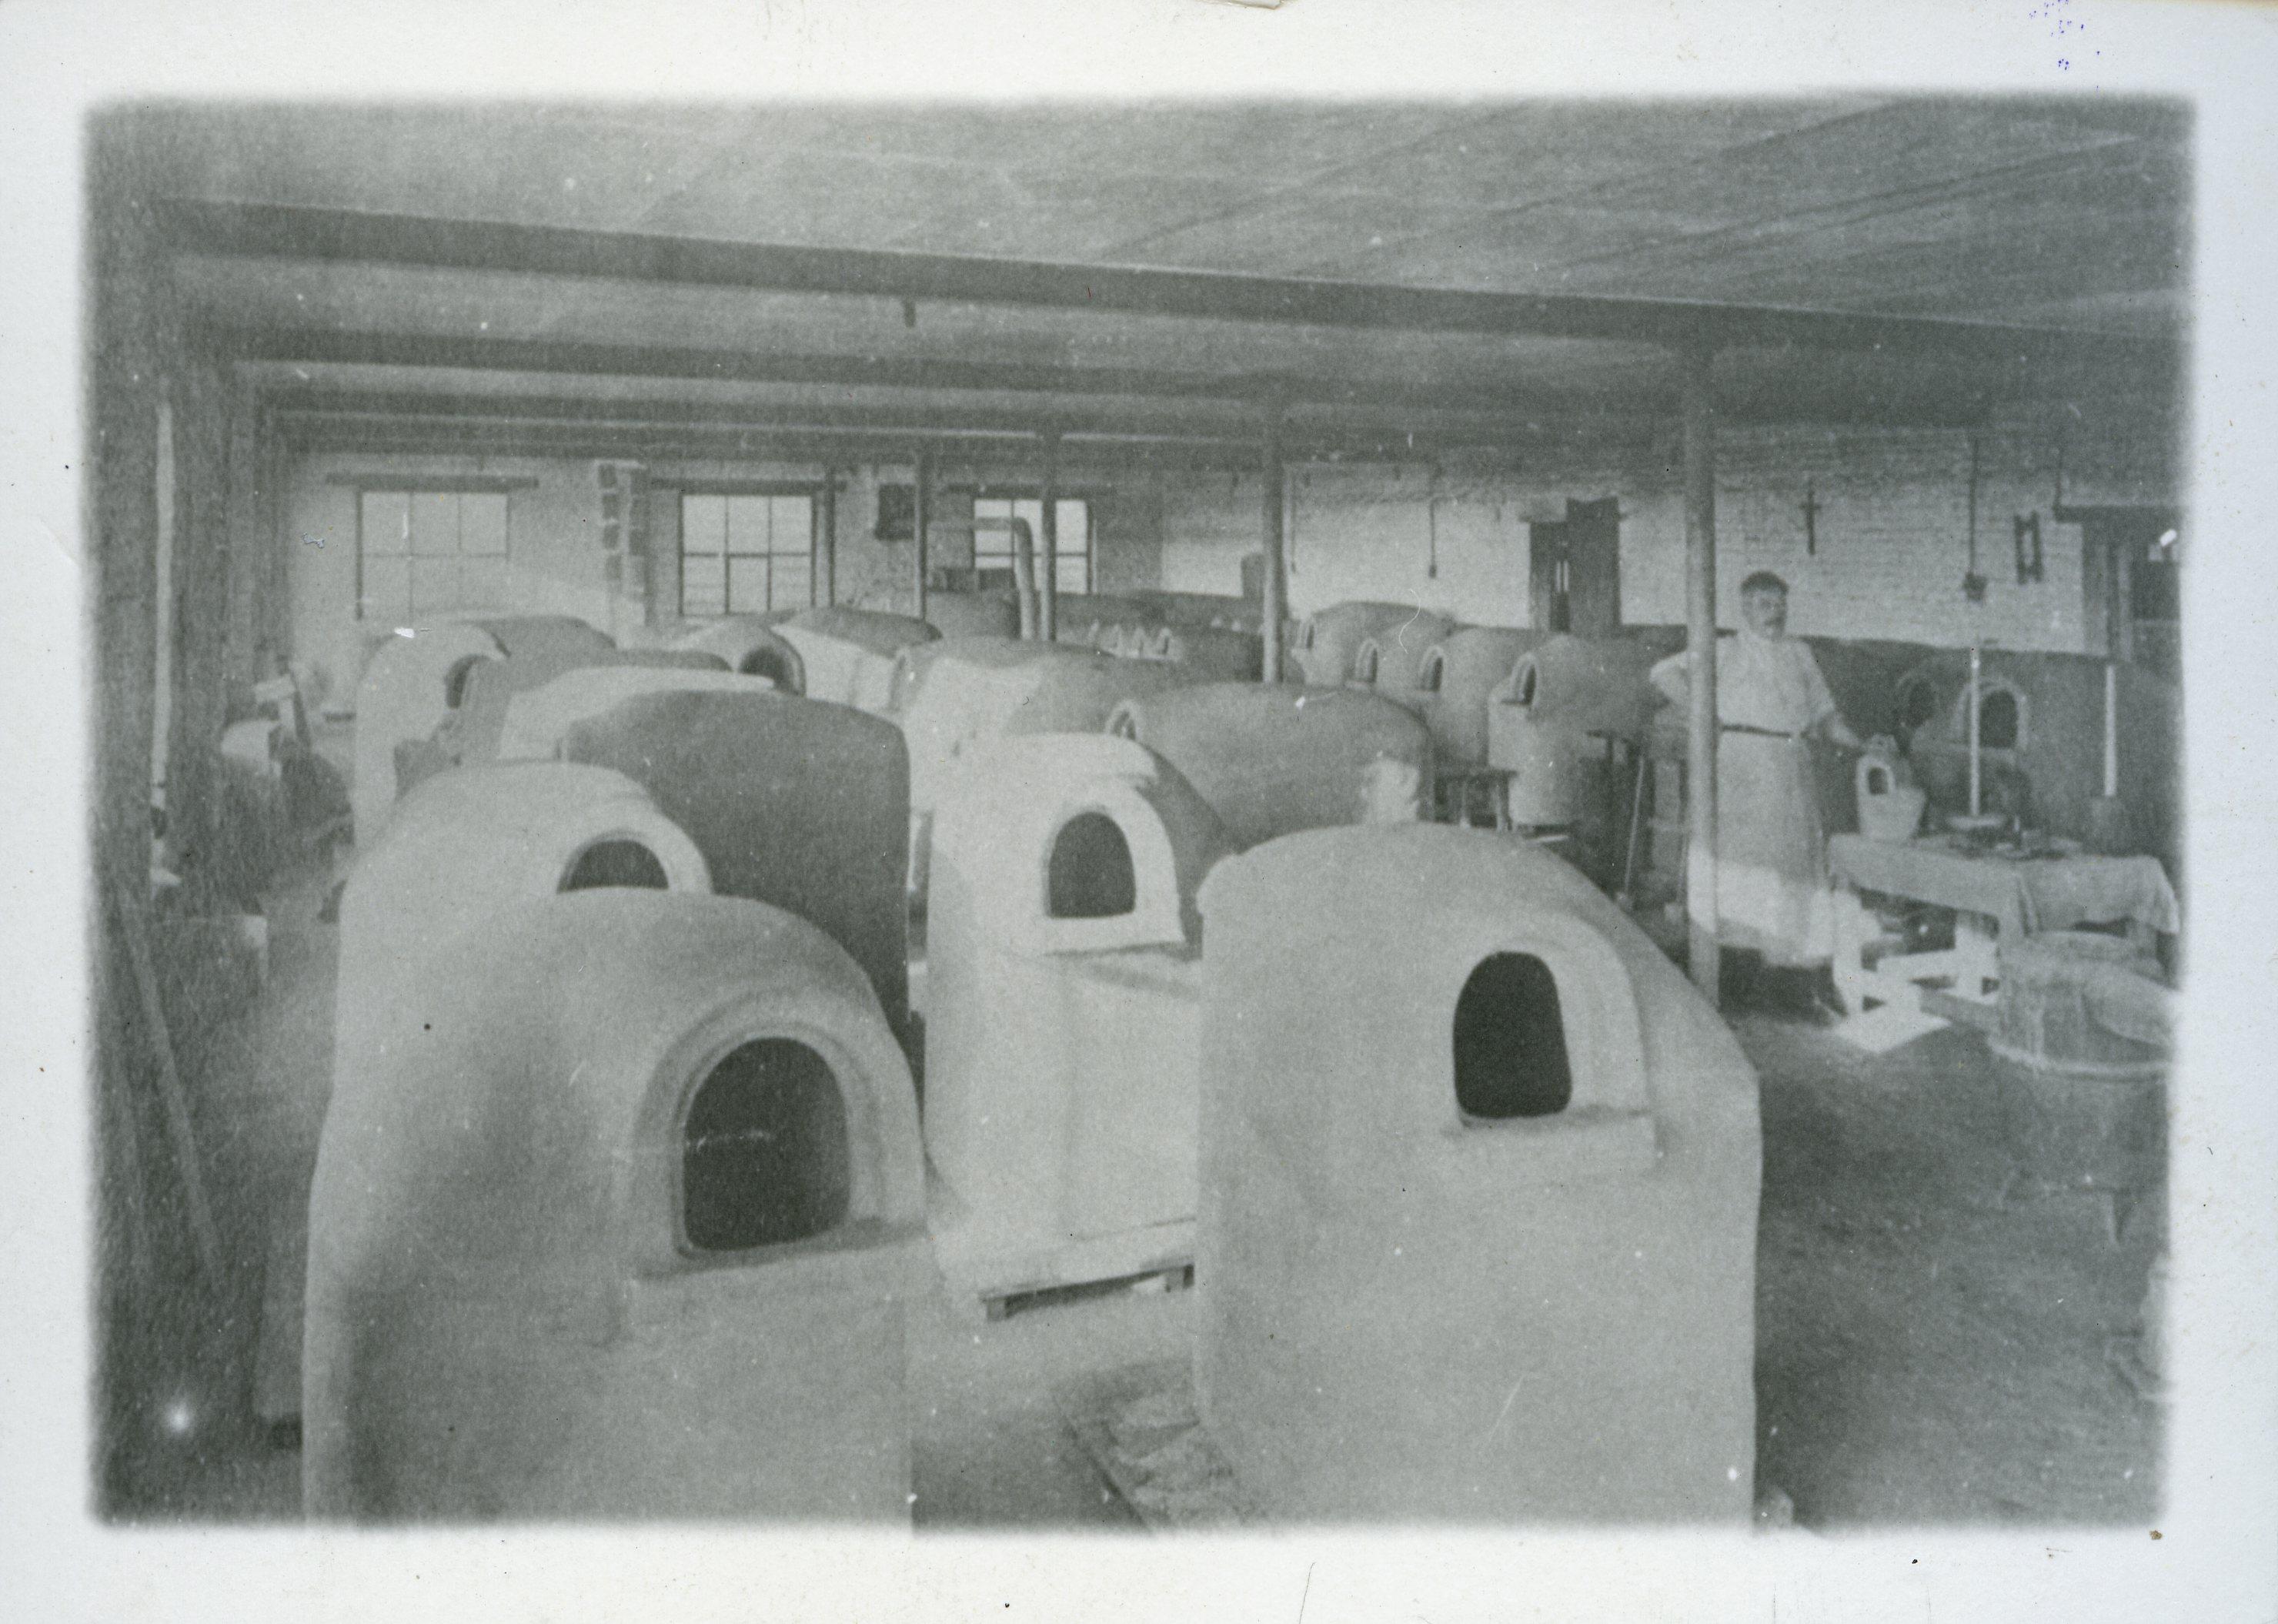 Vue intérieure de verrerie-service poterie: façonnage de creusets fermés